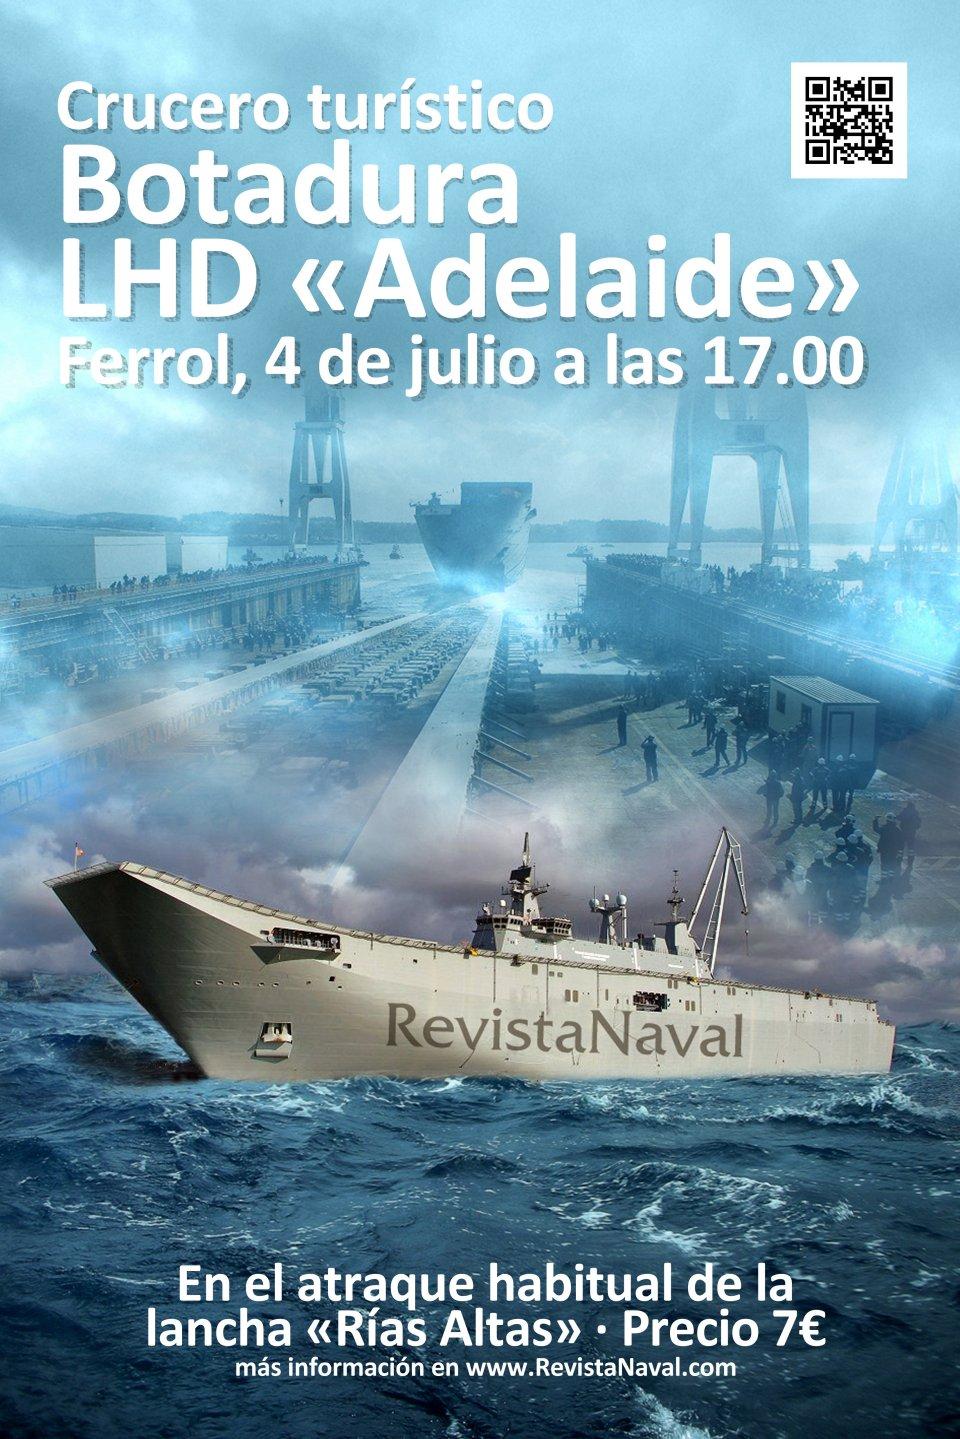 Crucero turístico por la ría de Ferrol para celebrar la botadura del LHD «Adelaide»